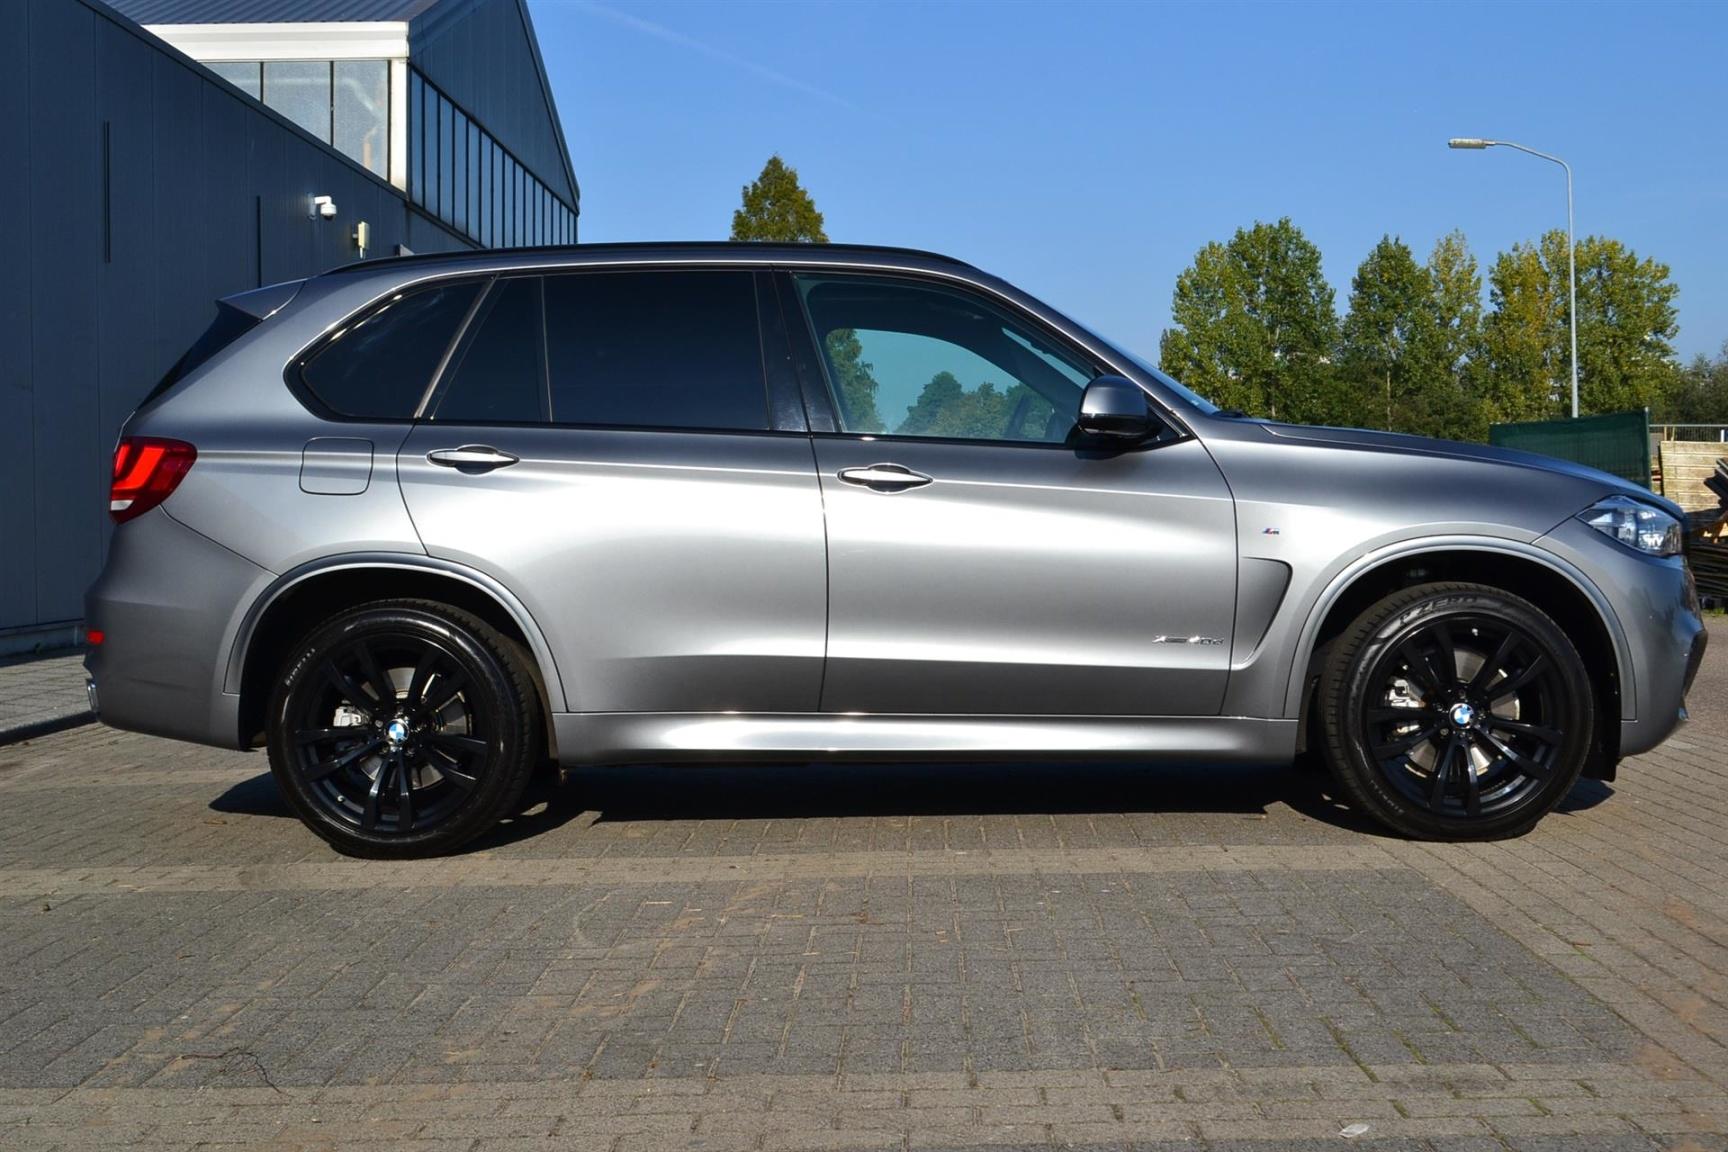 BMW-X5-37